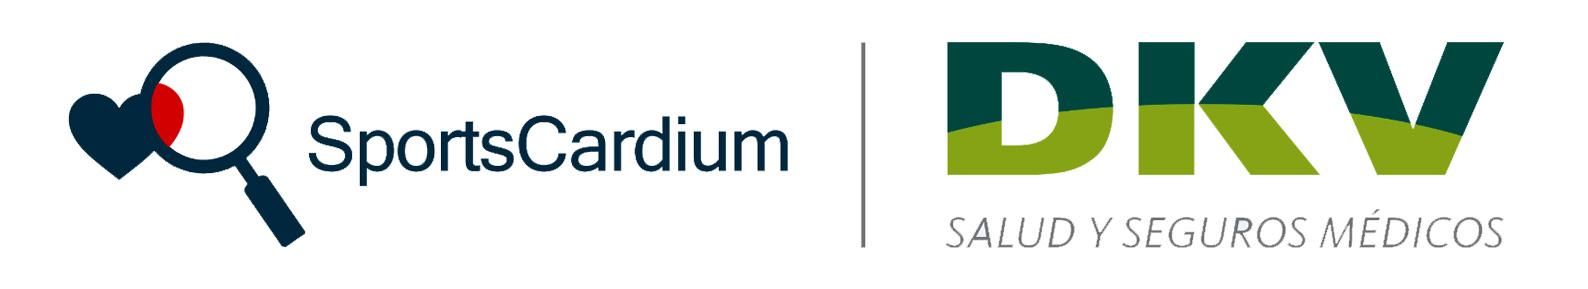 DKV y SportsCardium ofrecerán revisiones cardiovasculares en Media Maratón de Motril